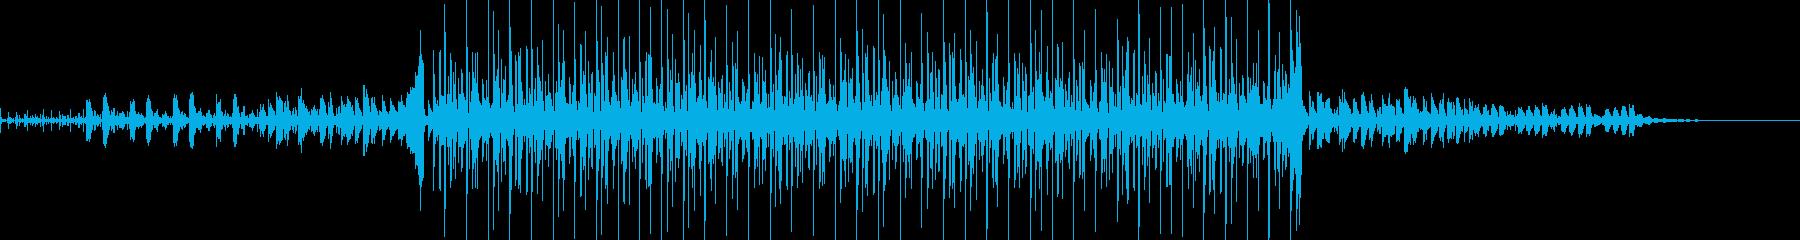 ミステリアスなマリンバのダンスの再生済みの波形